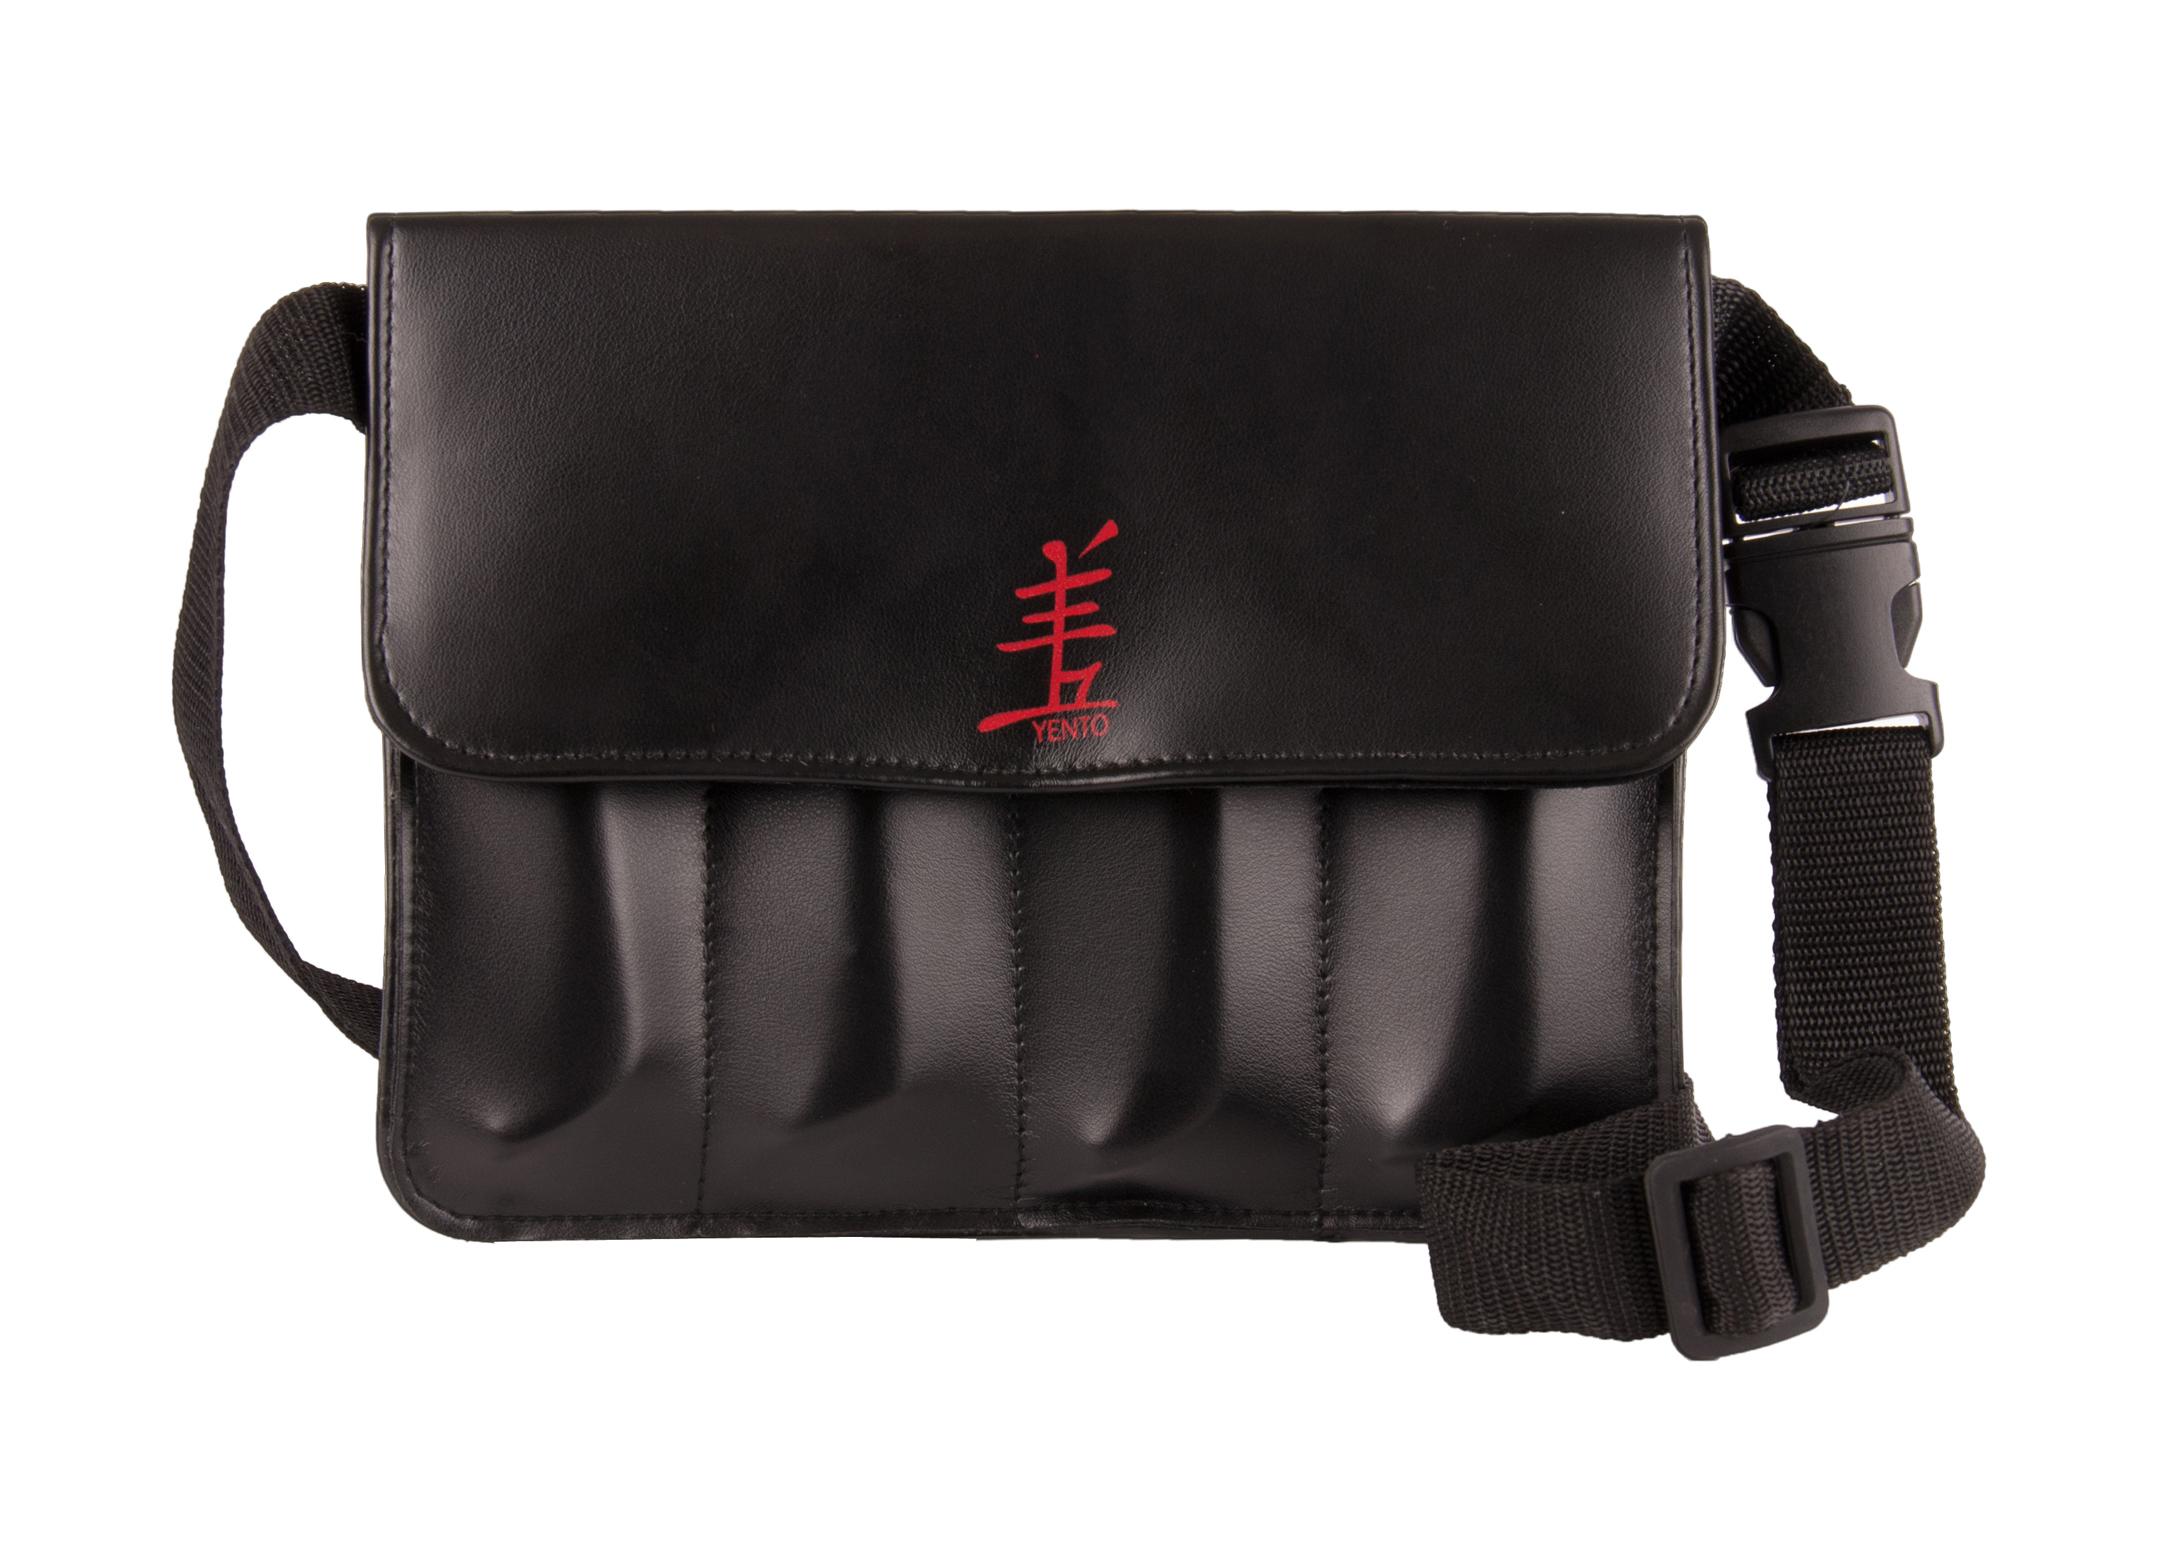 Yento Etui pour 4 Couteaux à Trimmer 23,5Bx17Hcm